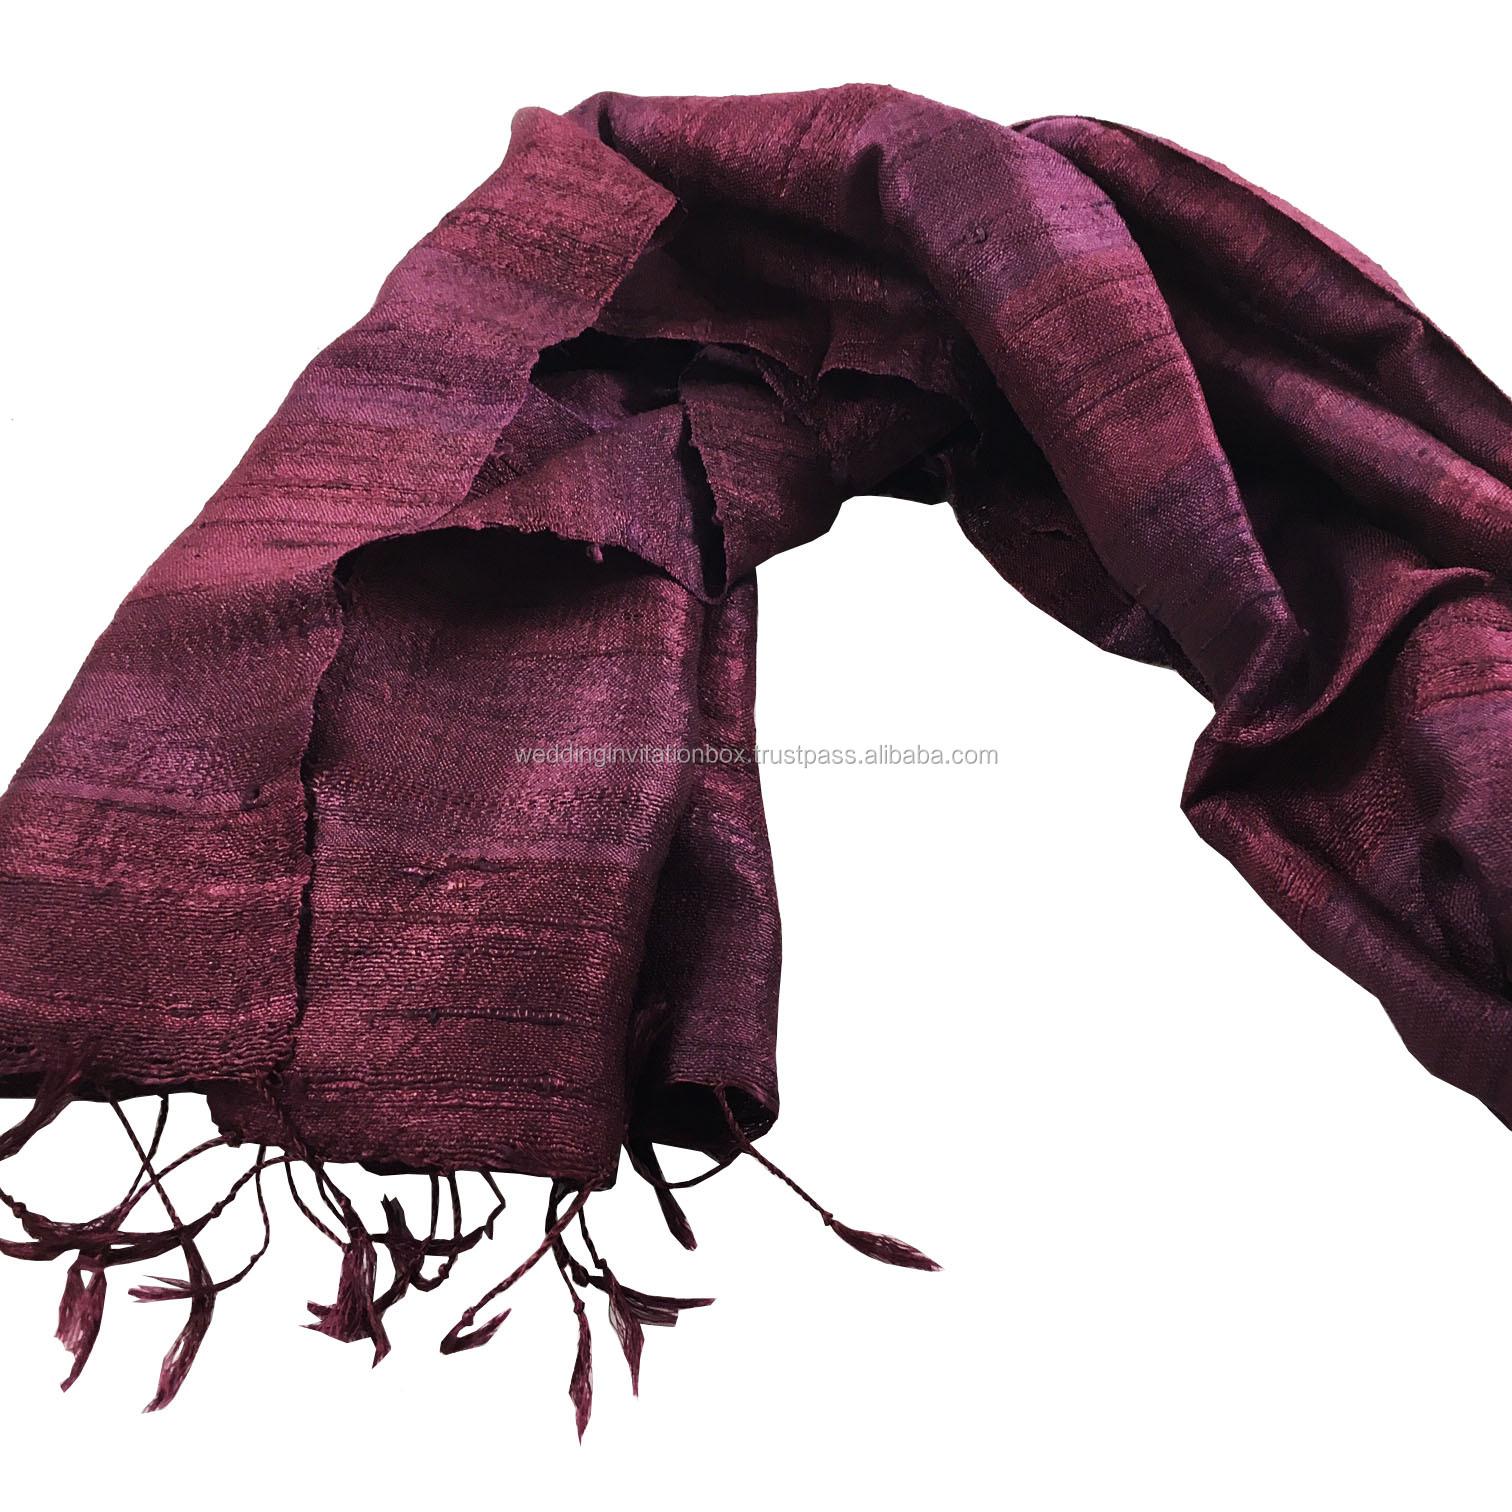 in vendita acquista l'originale piuttosto bella Thaoland Best Seller Tessuti A Mano Scialle Di Seta Tailandese - Buy  Sciarpe Di Seta,Scialli Di Moda,Scialli Di Lusso Product on Alibaba.com